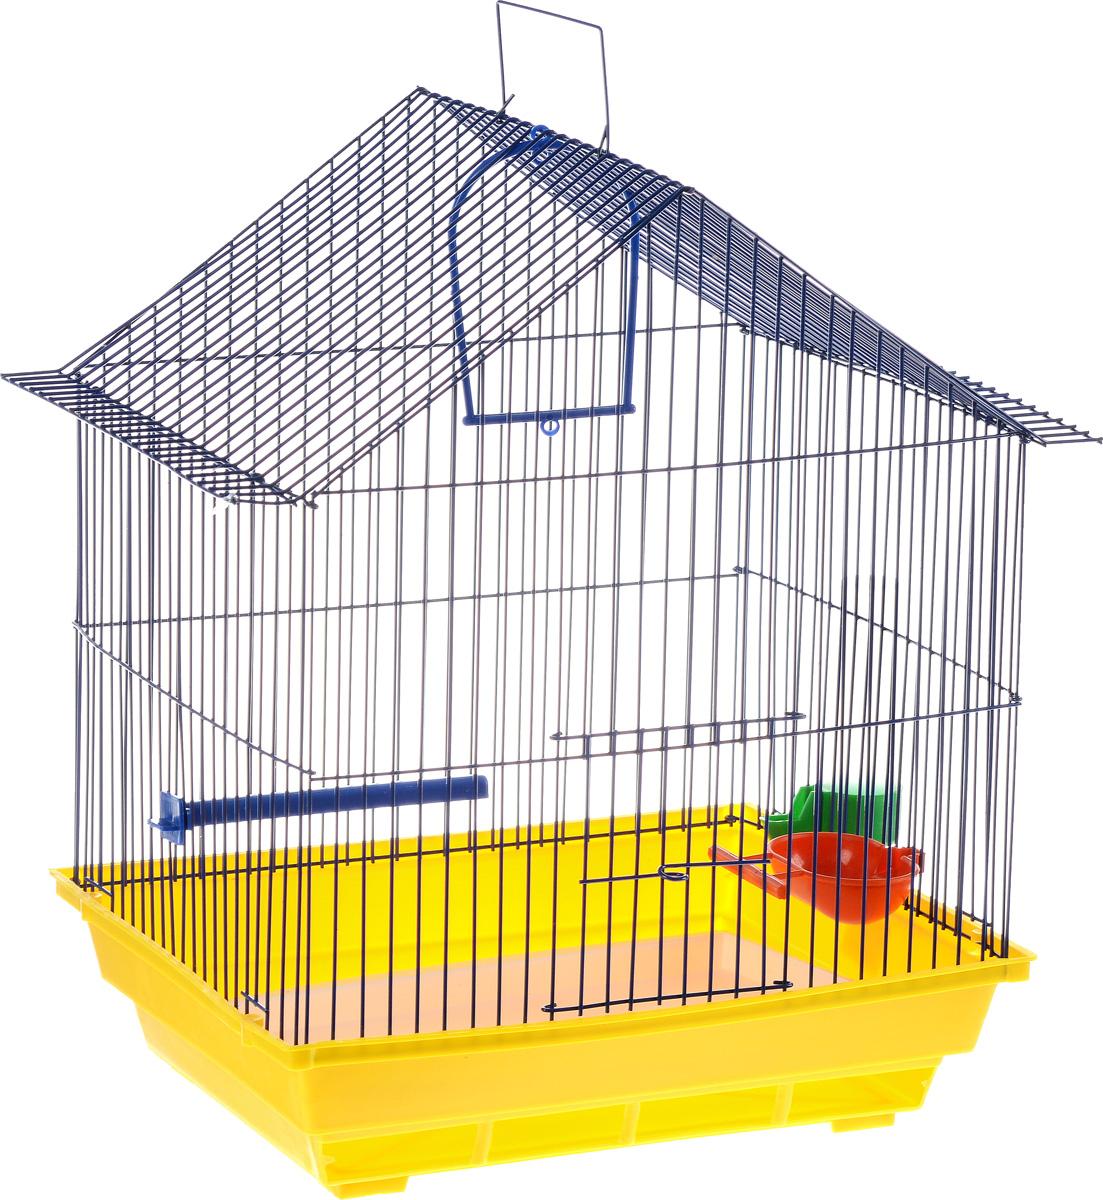 Клетка для птиц ЗооМарк, цвет: желтый поддон, синяя решетка, 39 х 28 х 42 см0120710Клетка ЗооМарк, выполненная из полипропилена и металла с эмалированным покрытием, предназначена для мелких птиц. Изделие состоит из большого поддона и решетки. Клетка снабжена металлической дверцей. В основании клетки находится малый поддон. Клетка удобна в использовании и легко чистится. Она оснащена кольцом для птицы, поилкой, кормушкой и подвижной ручкой для удобной переноски. Комплектация: - клетка с поддоном; - малый поддон; - поилка; - кормушка;- кольцо.